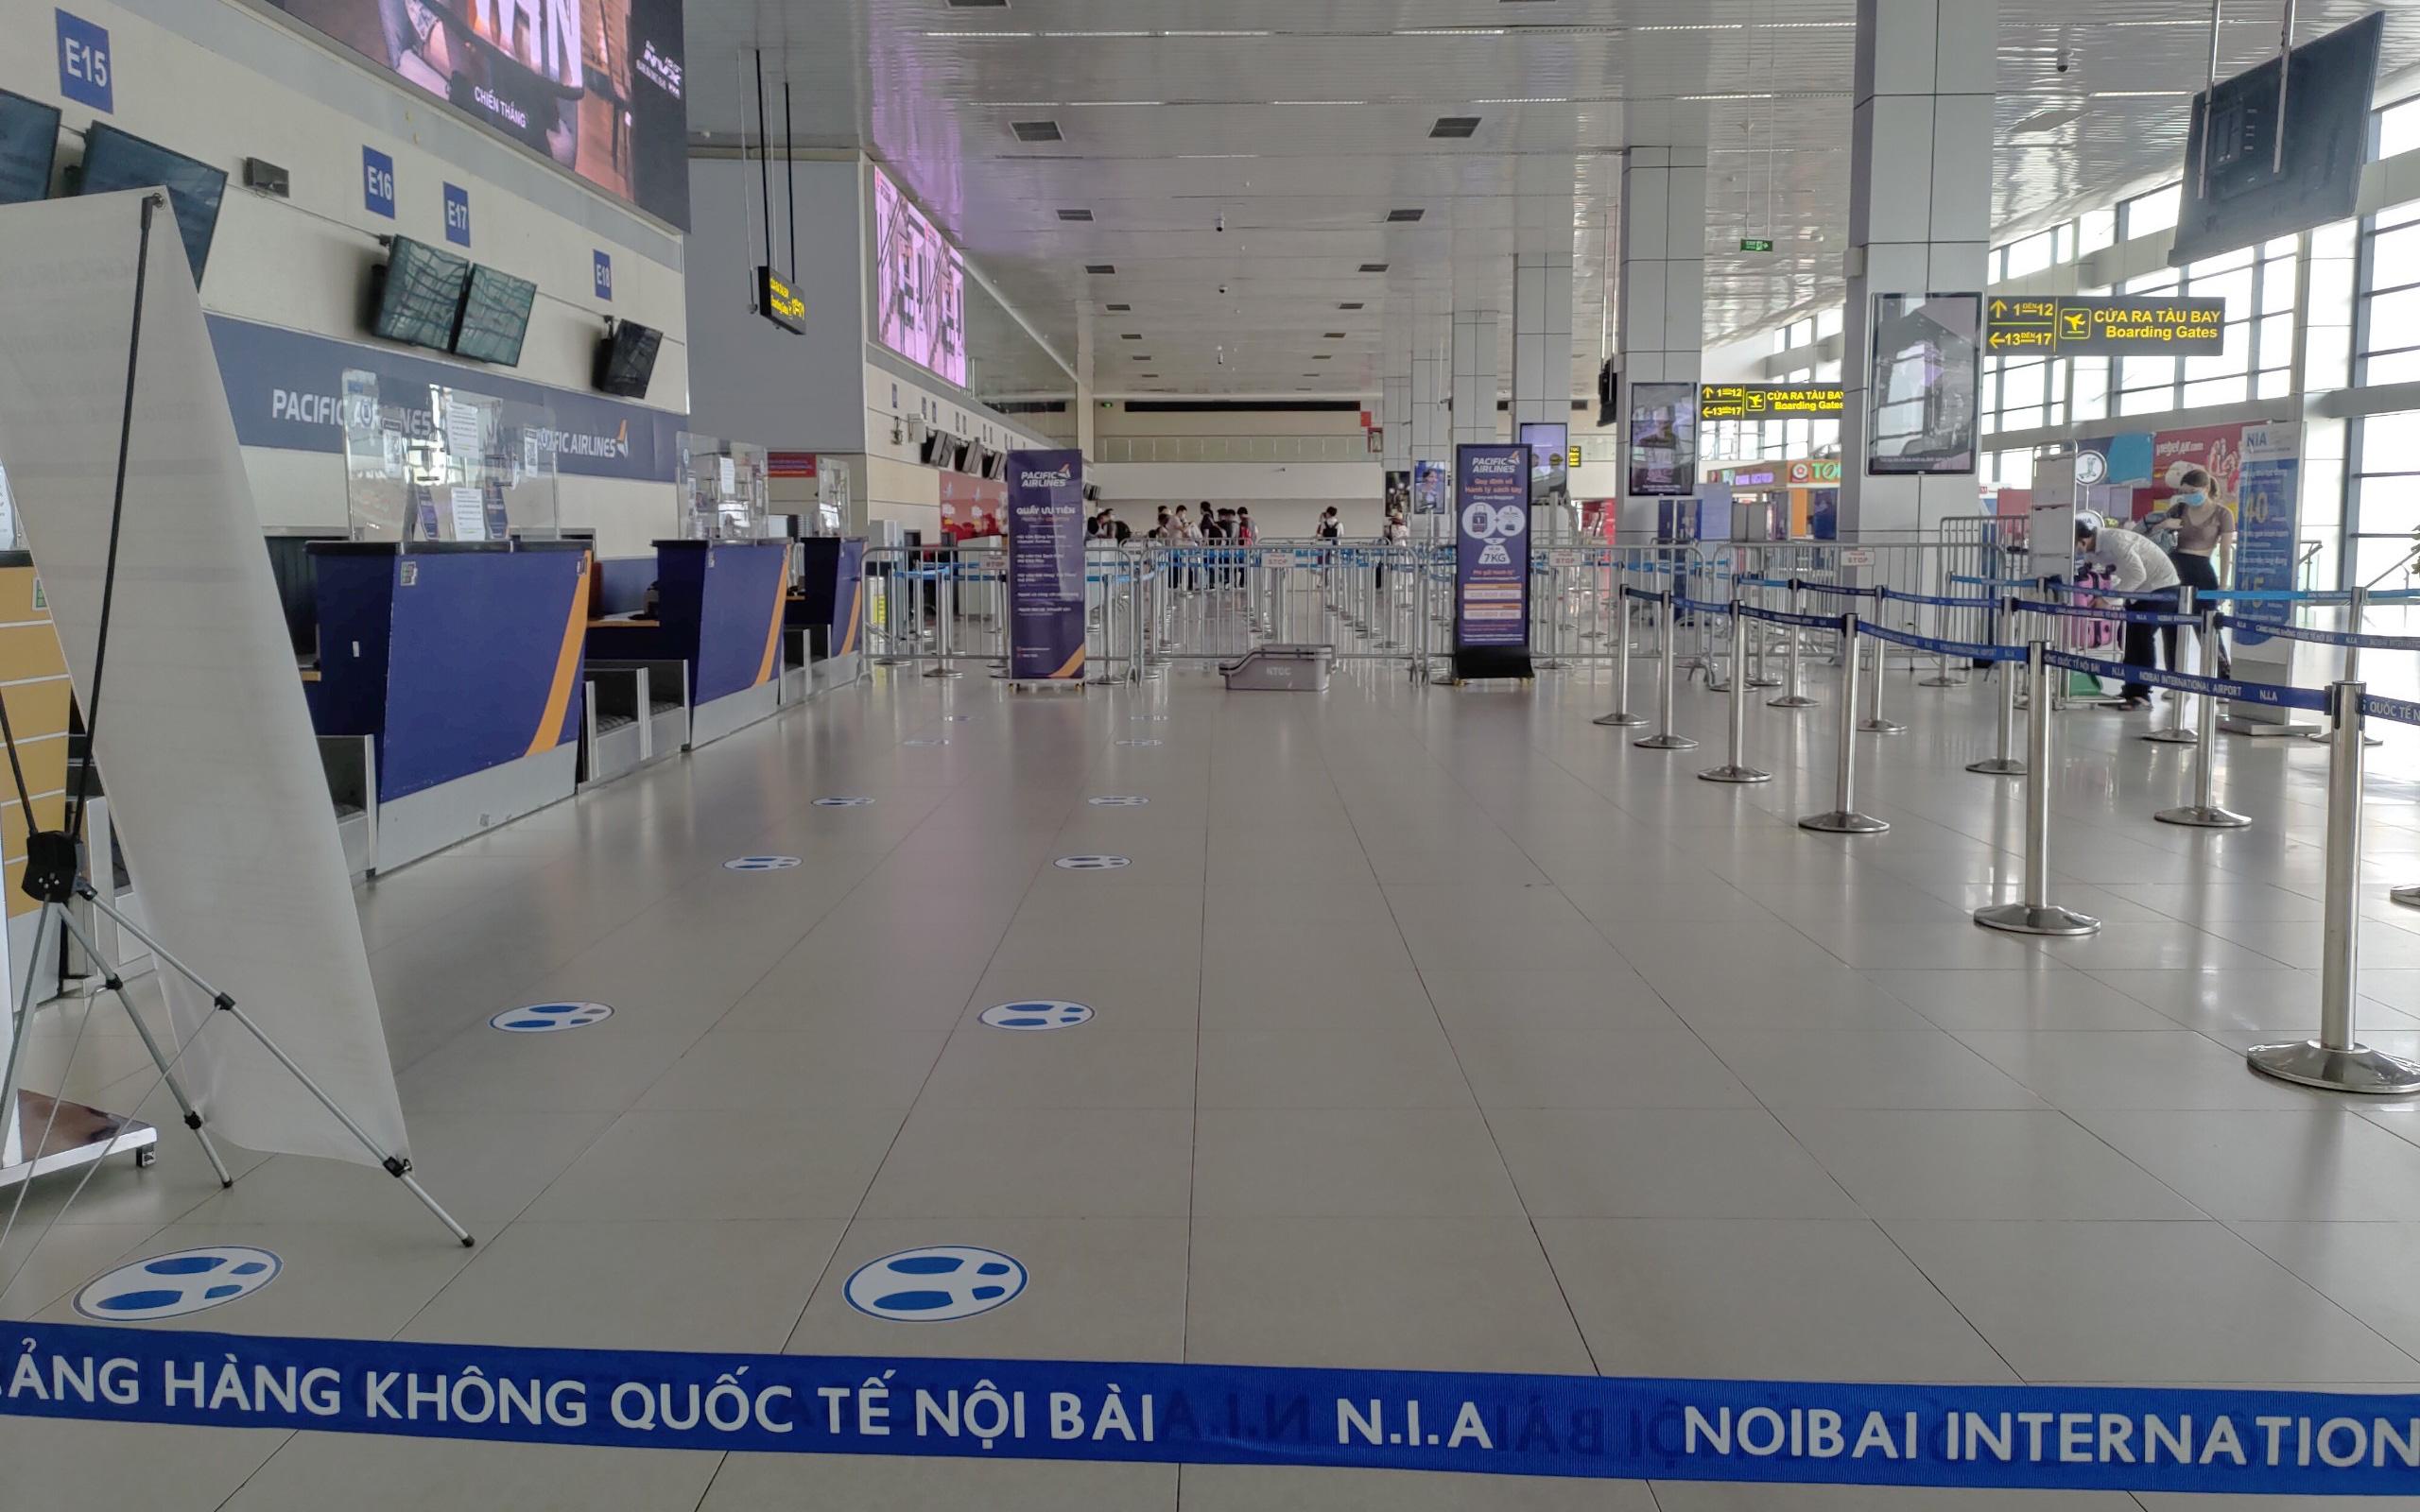 Điều chỉnh tạm thời phương án khai thác tại nhà ga hành khách T1 -  Cảng HKQT Nội Bài từ ngày 17/5/2021